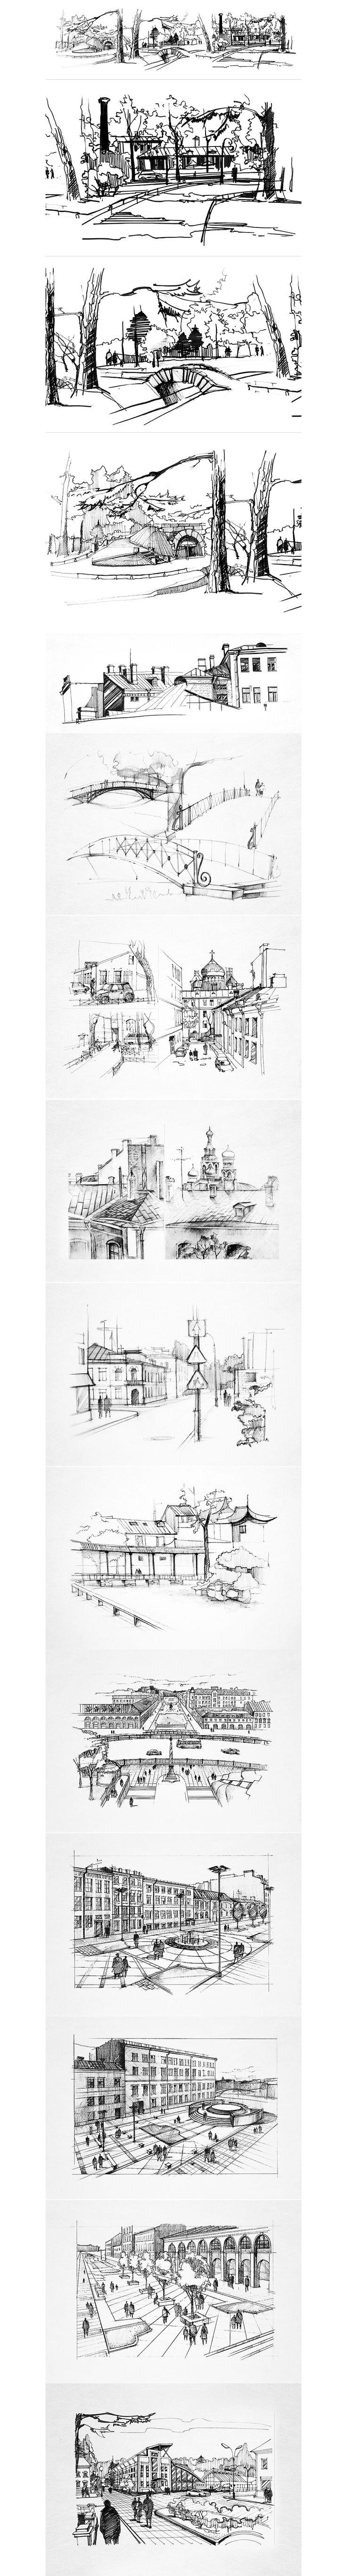 Landscape sketches on Behance